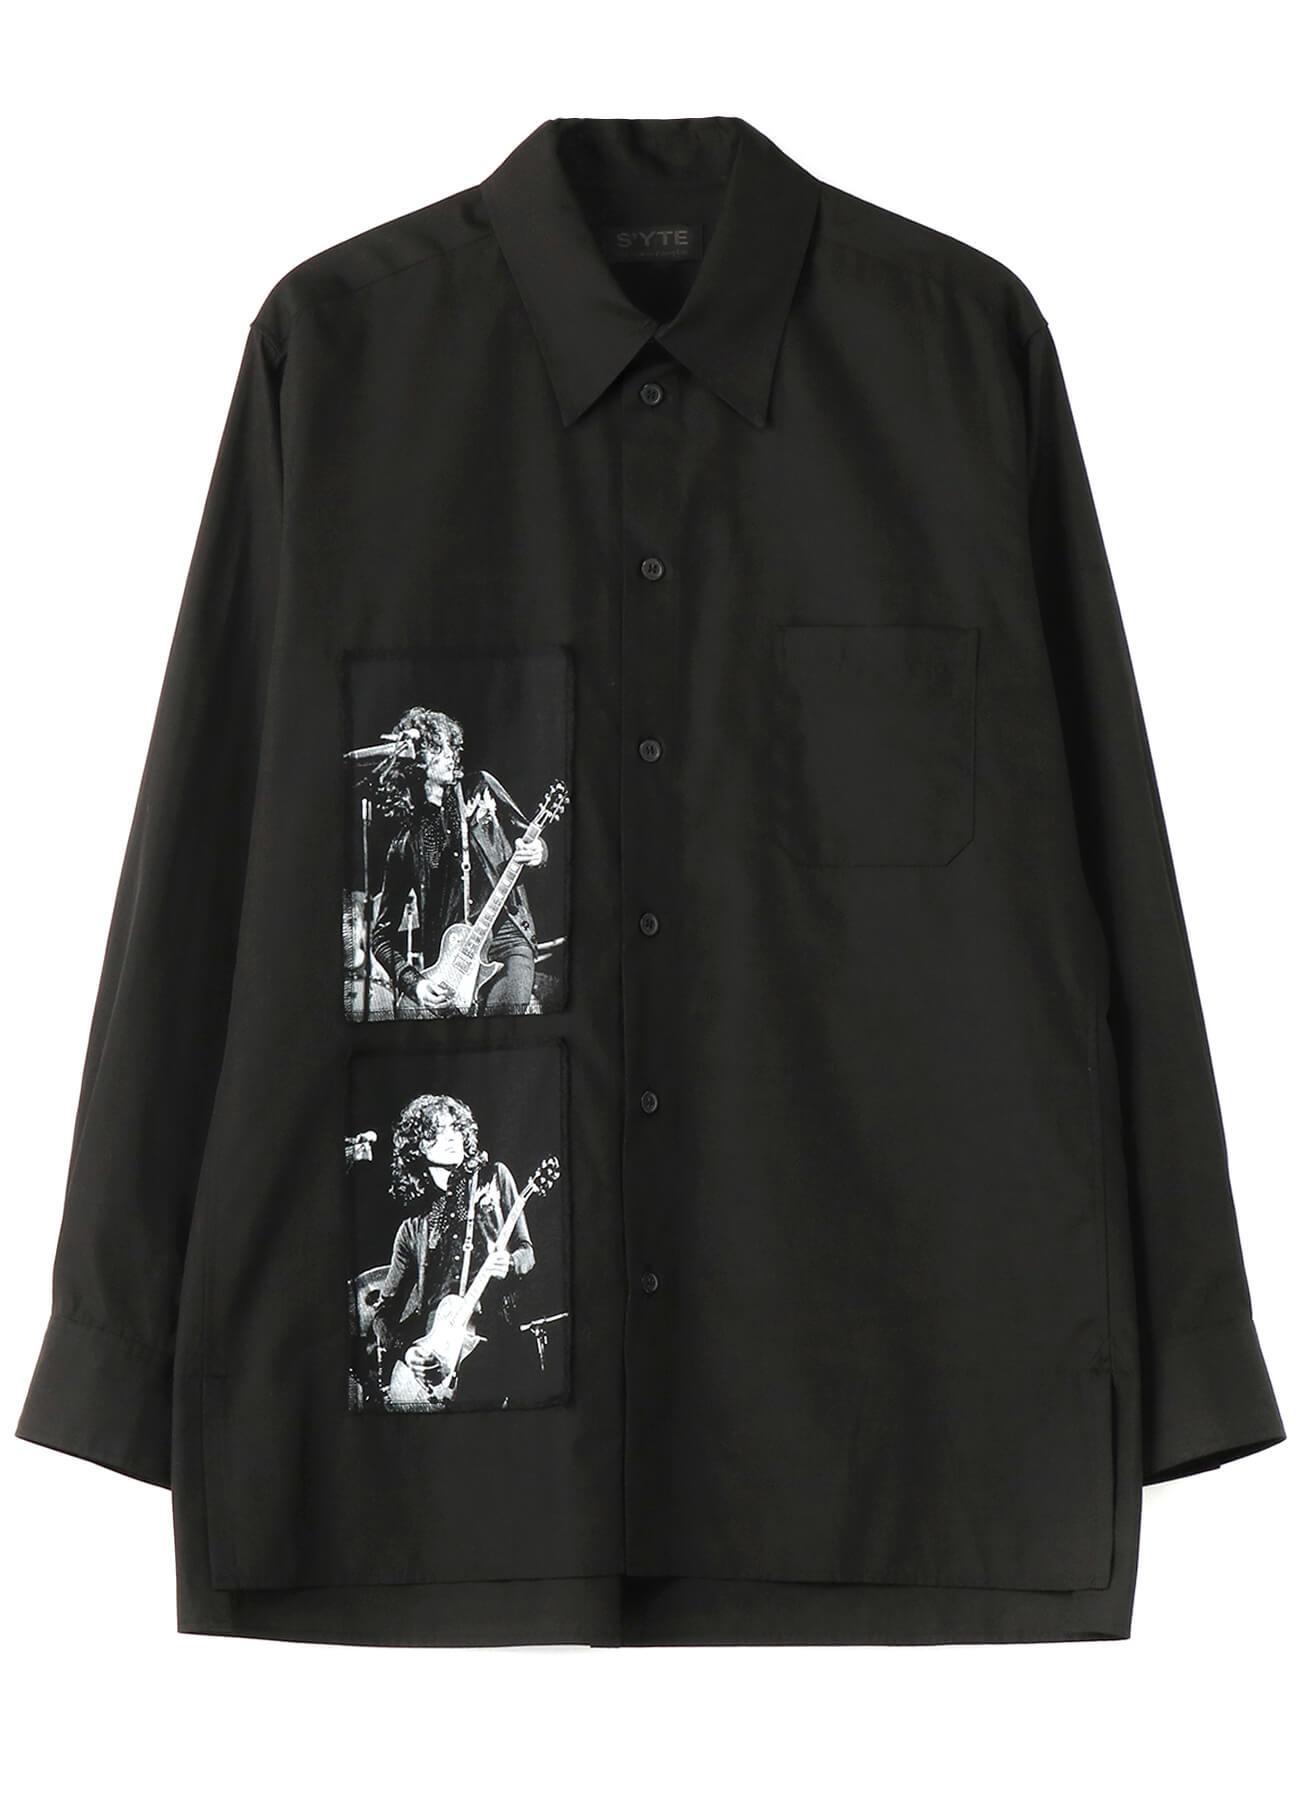 マーキー・クラブ®に出演した頃のLED ZEPPELINのメンバー・フォト、ライブ・フライヤーを組み合わせたシャツ 21,000円